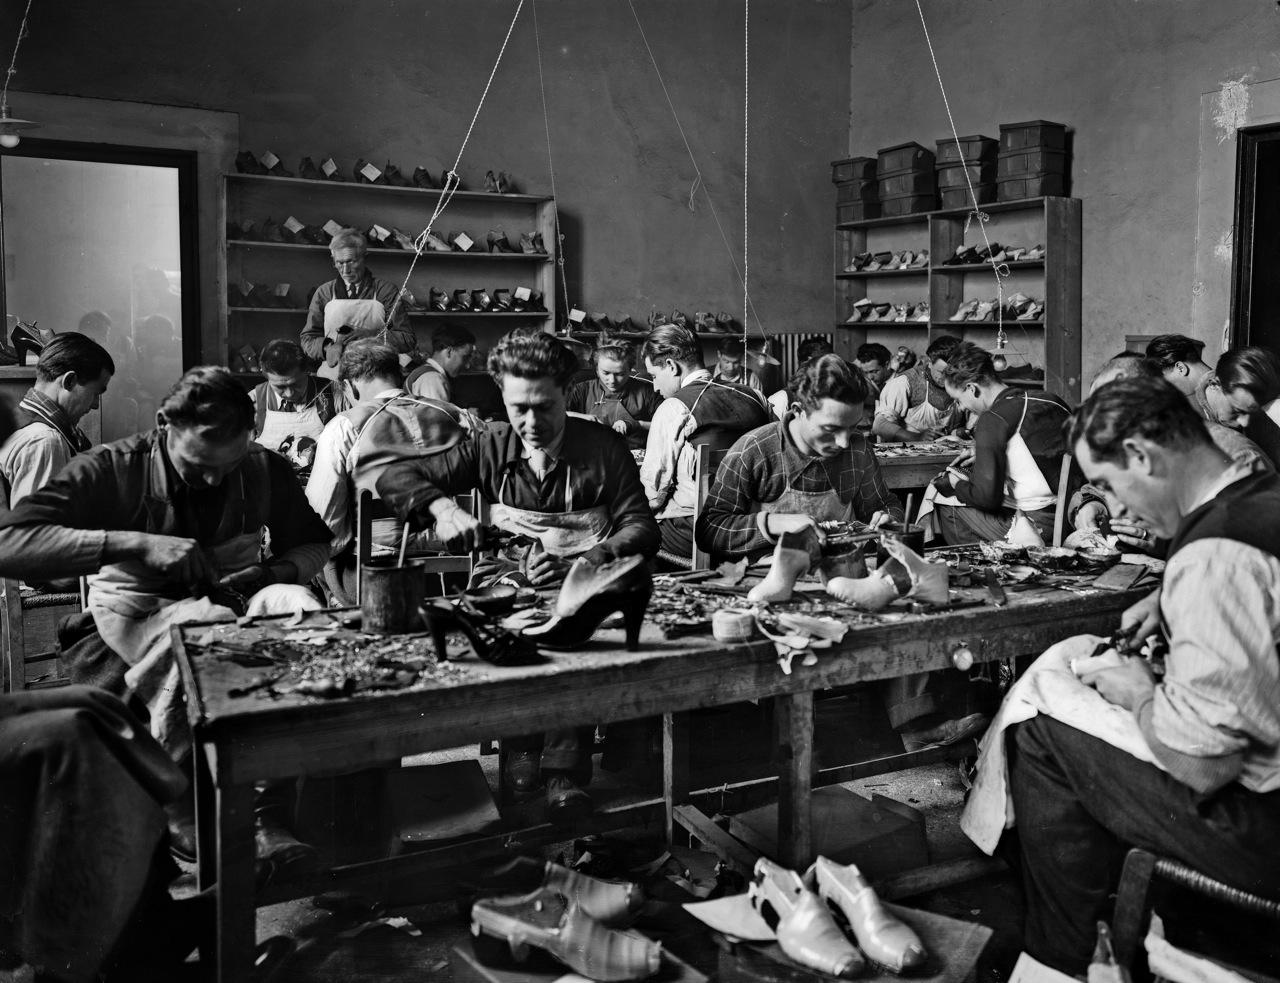 Operai al lavoro nel laboratorio delle calzature di Ferragamo, in Palazzo Feroni a Firenze1937